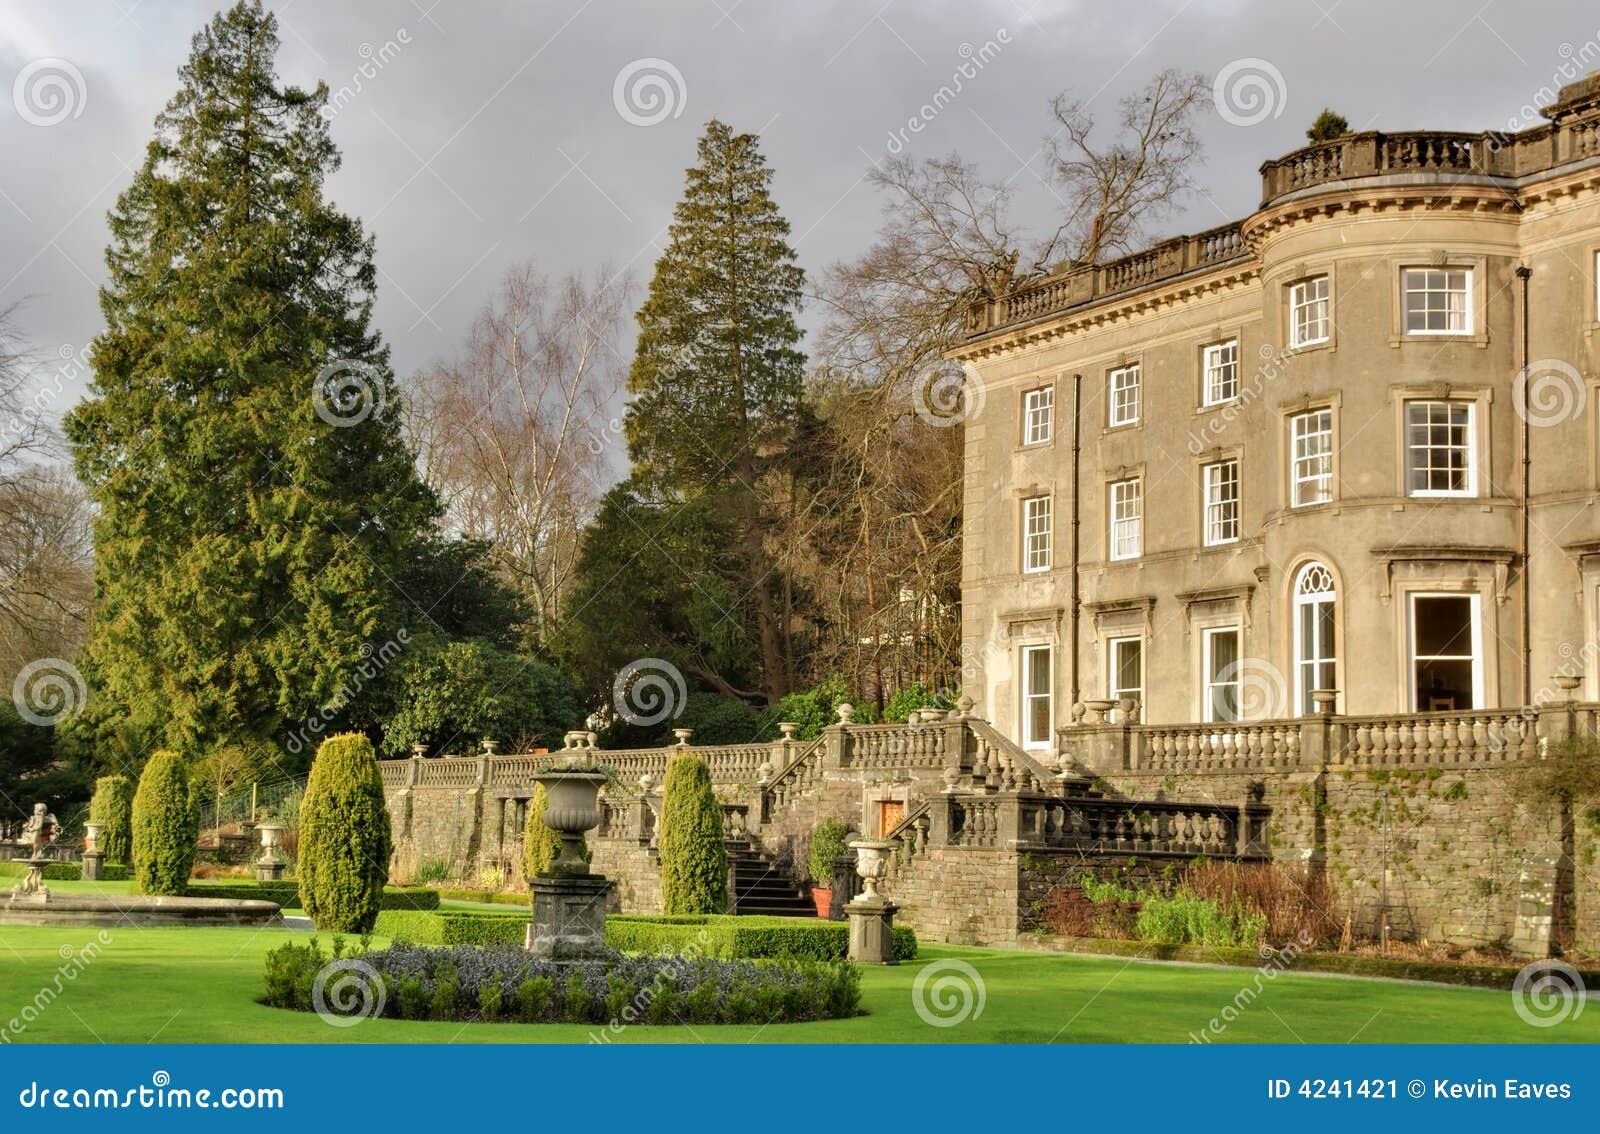 grands maison de campagne et jardin anglais image stock image du herbe hall 4241421. Black Bedroom Furniture Sets. Home Design Ideas